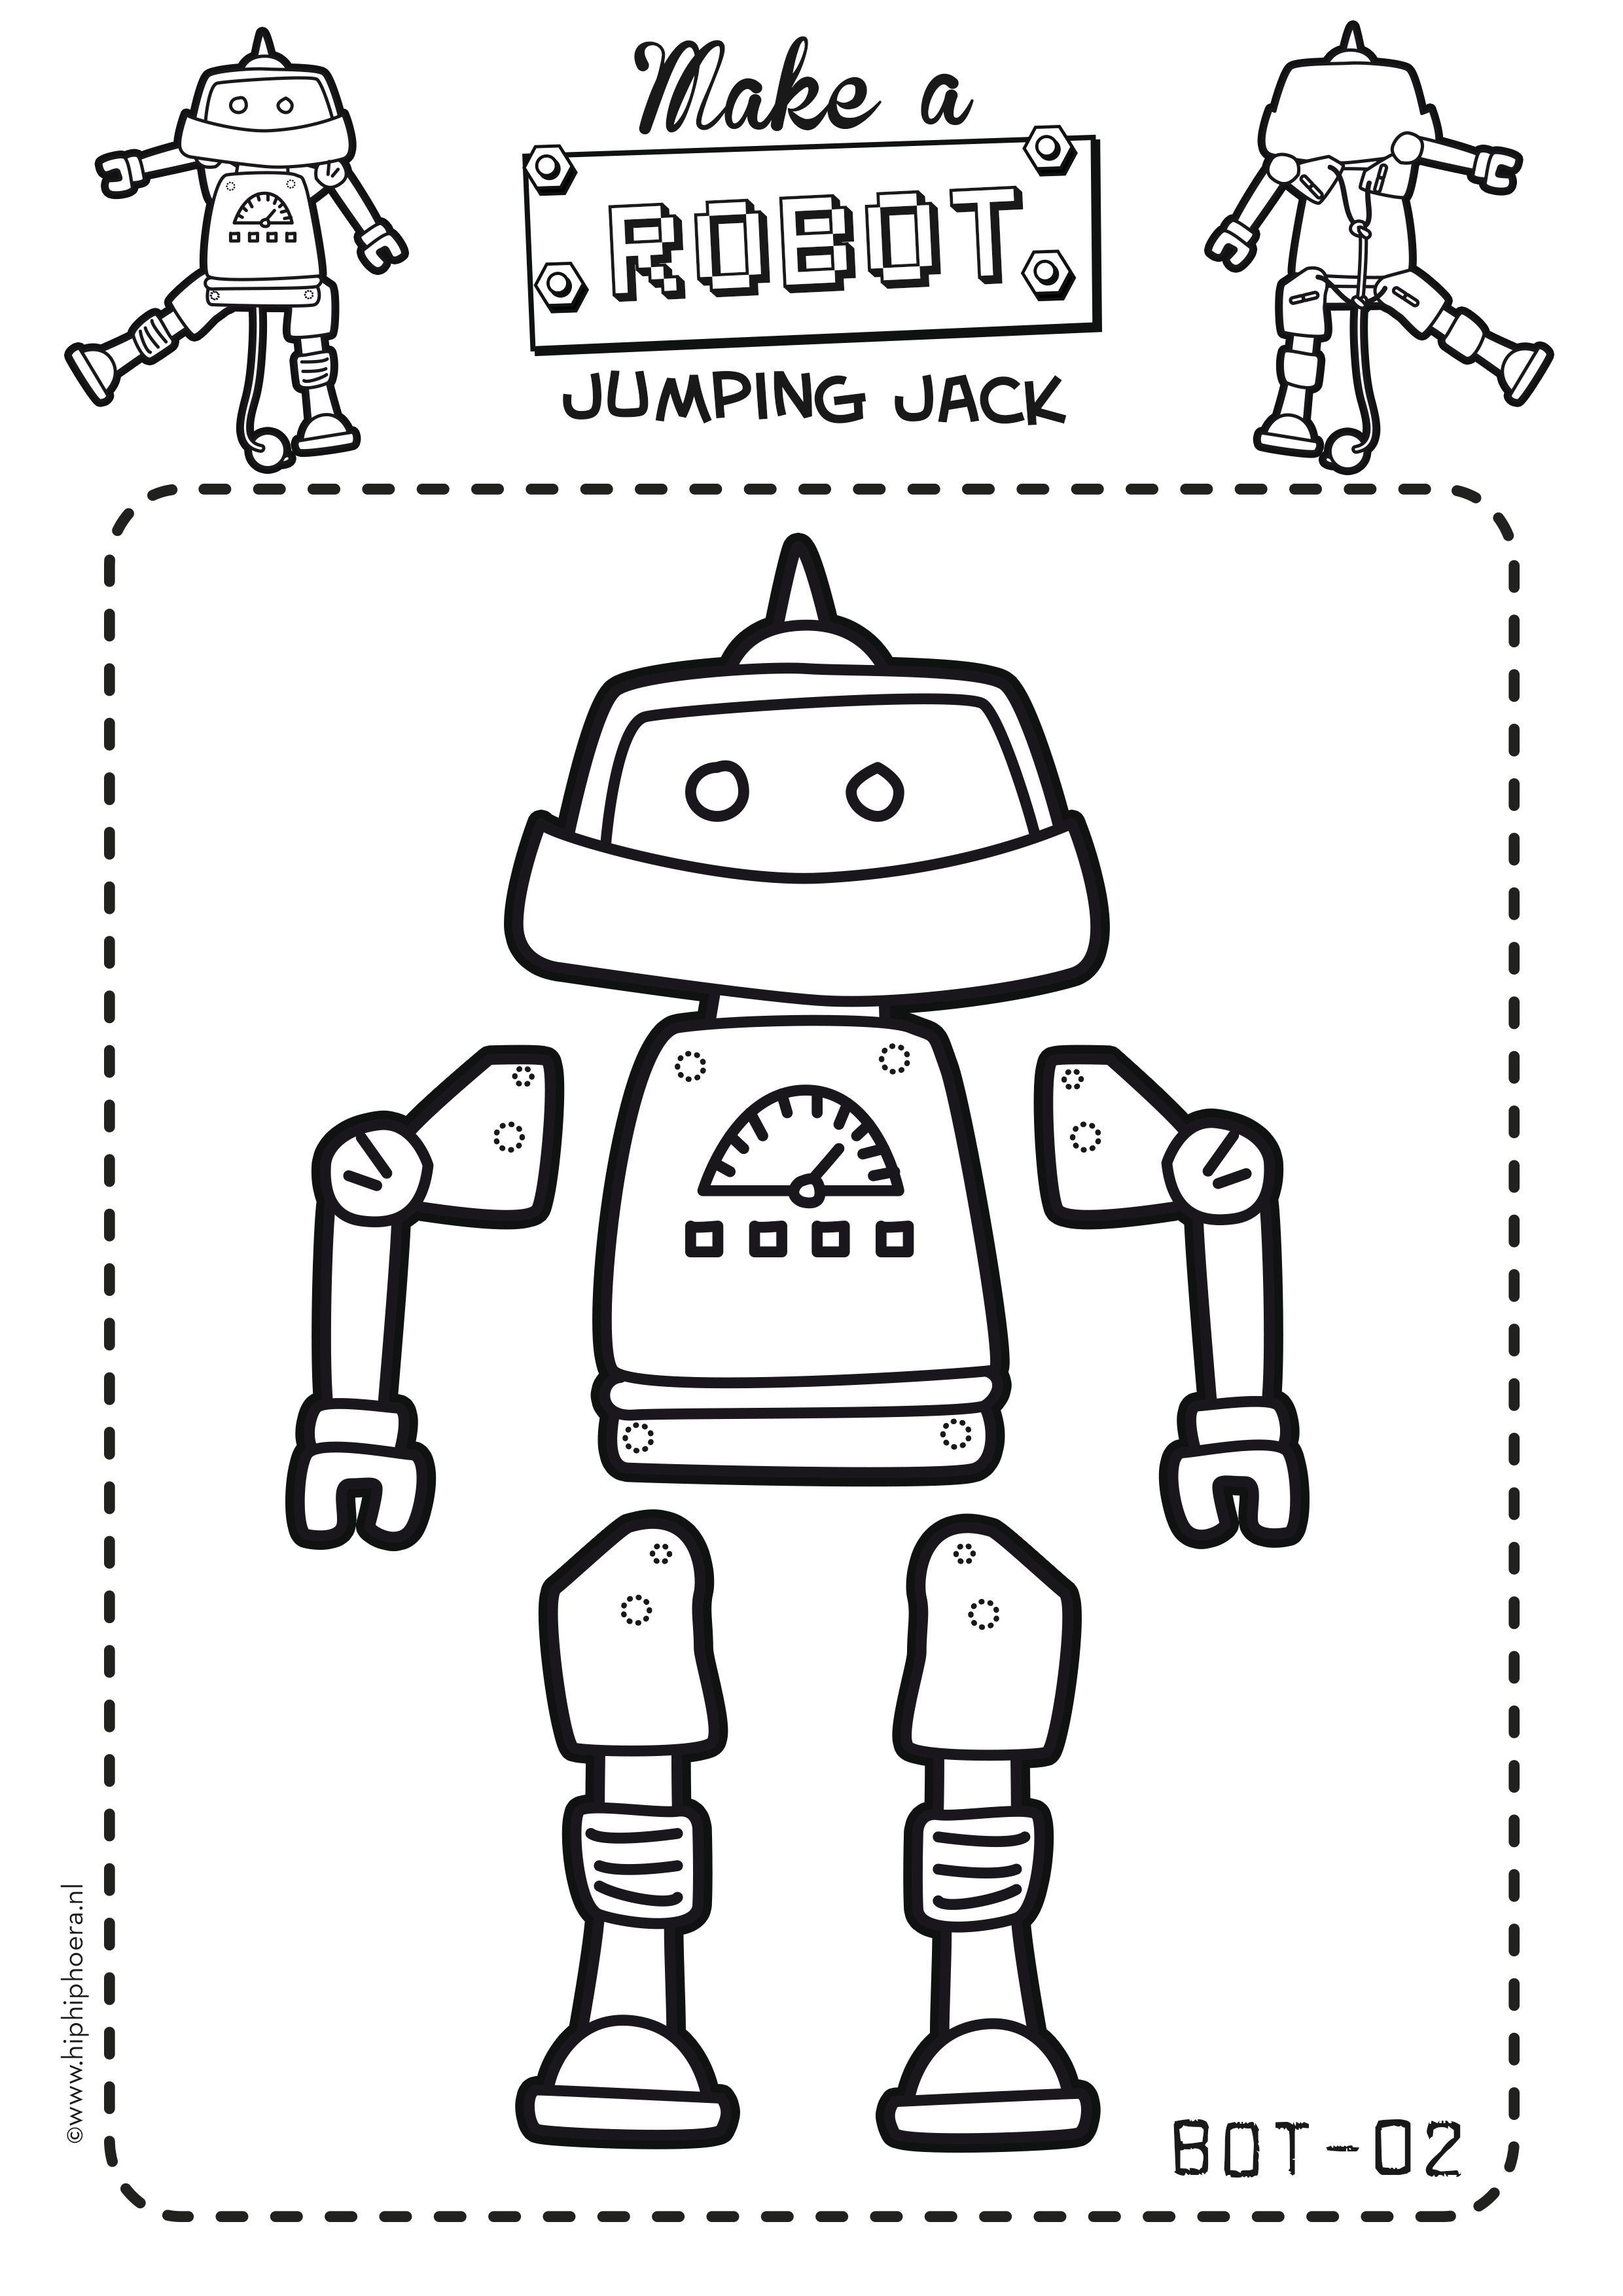 make your own robot jumping jack by crafts pinterest craft. Black Bedroom Furniture Sets. Home Design Ideas